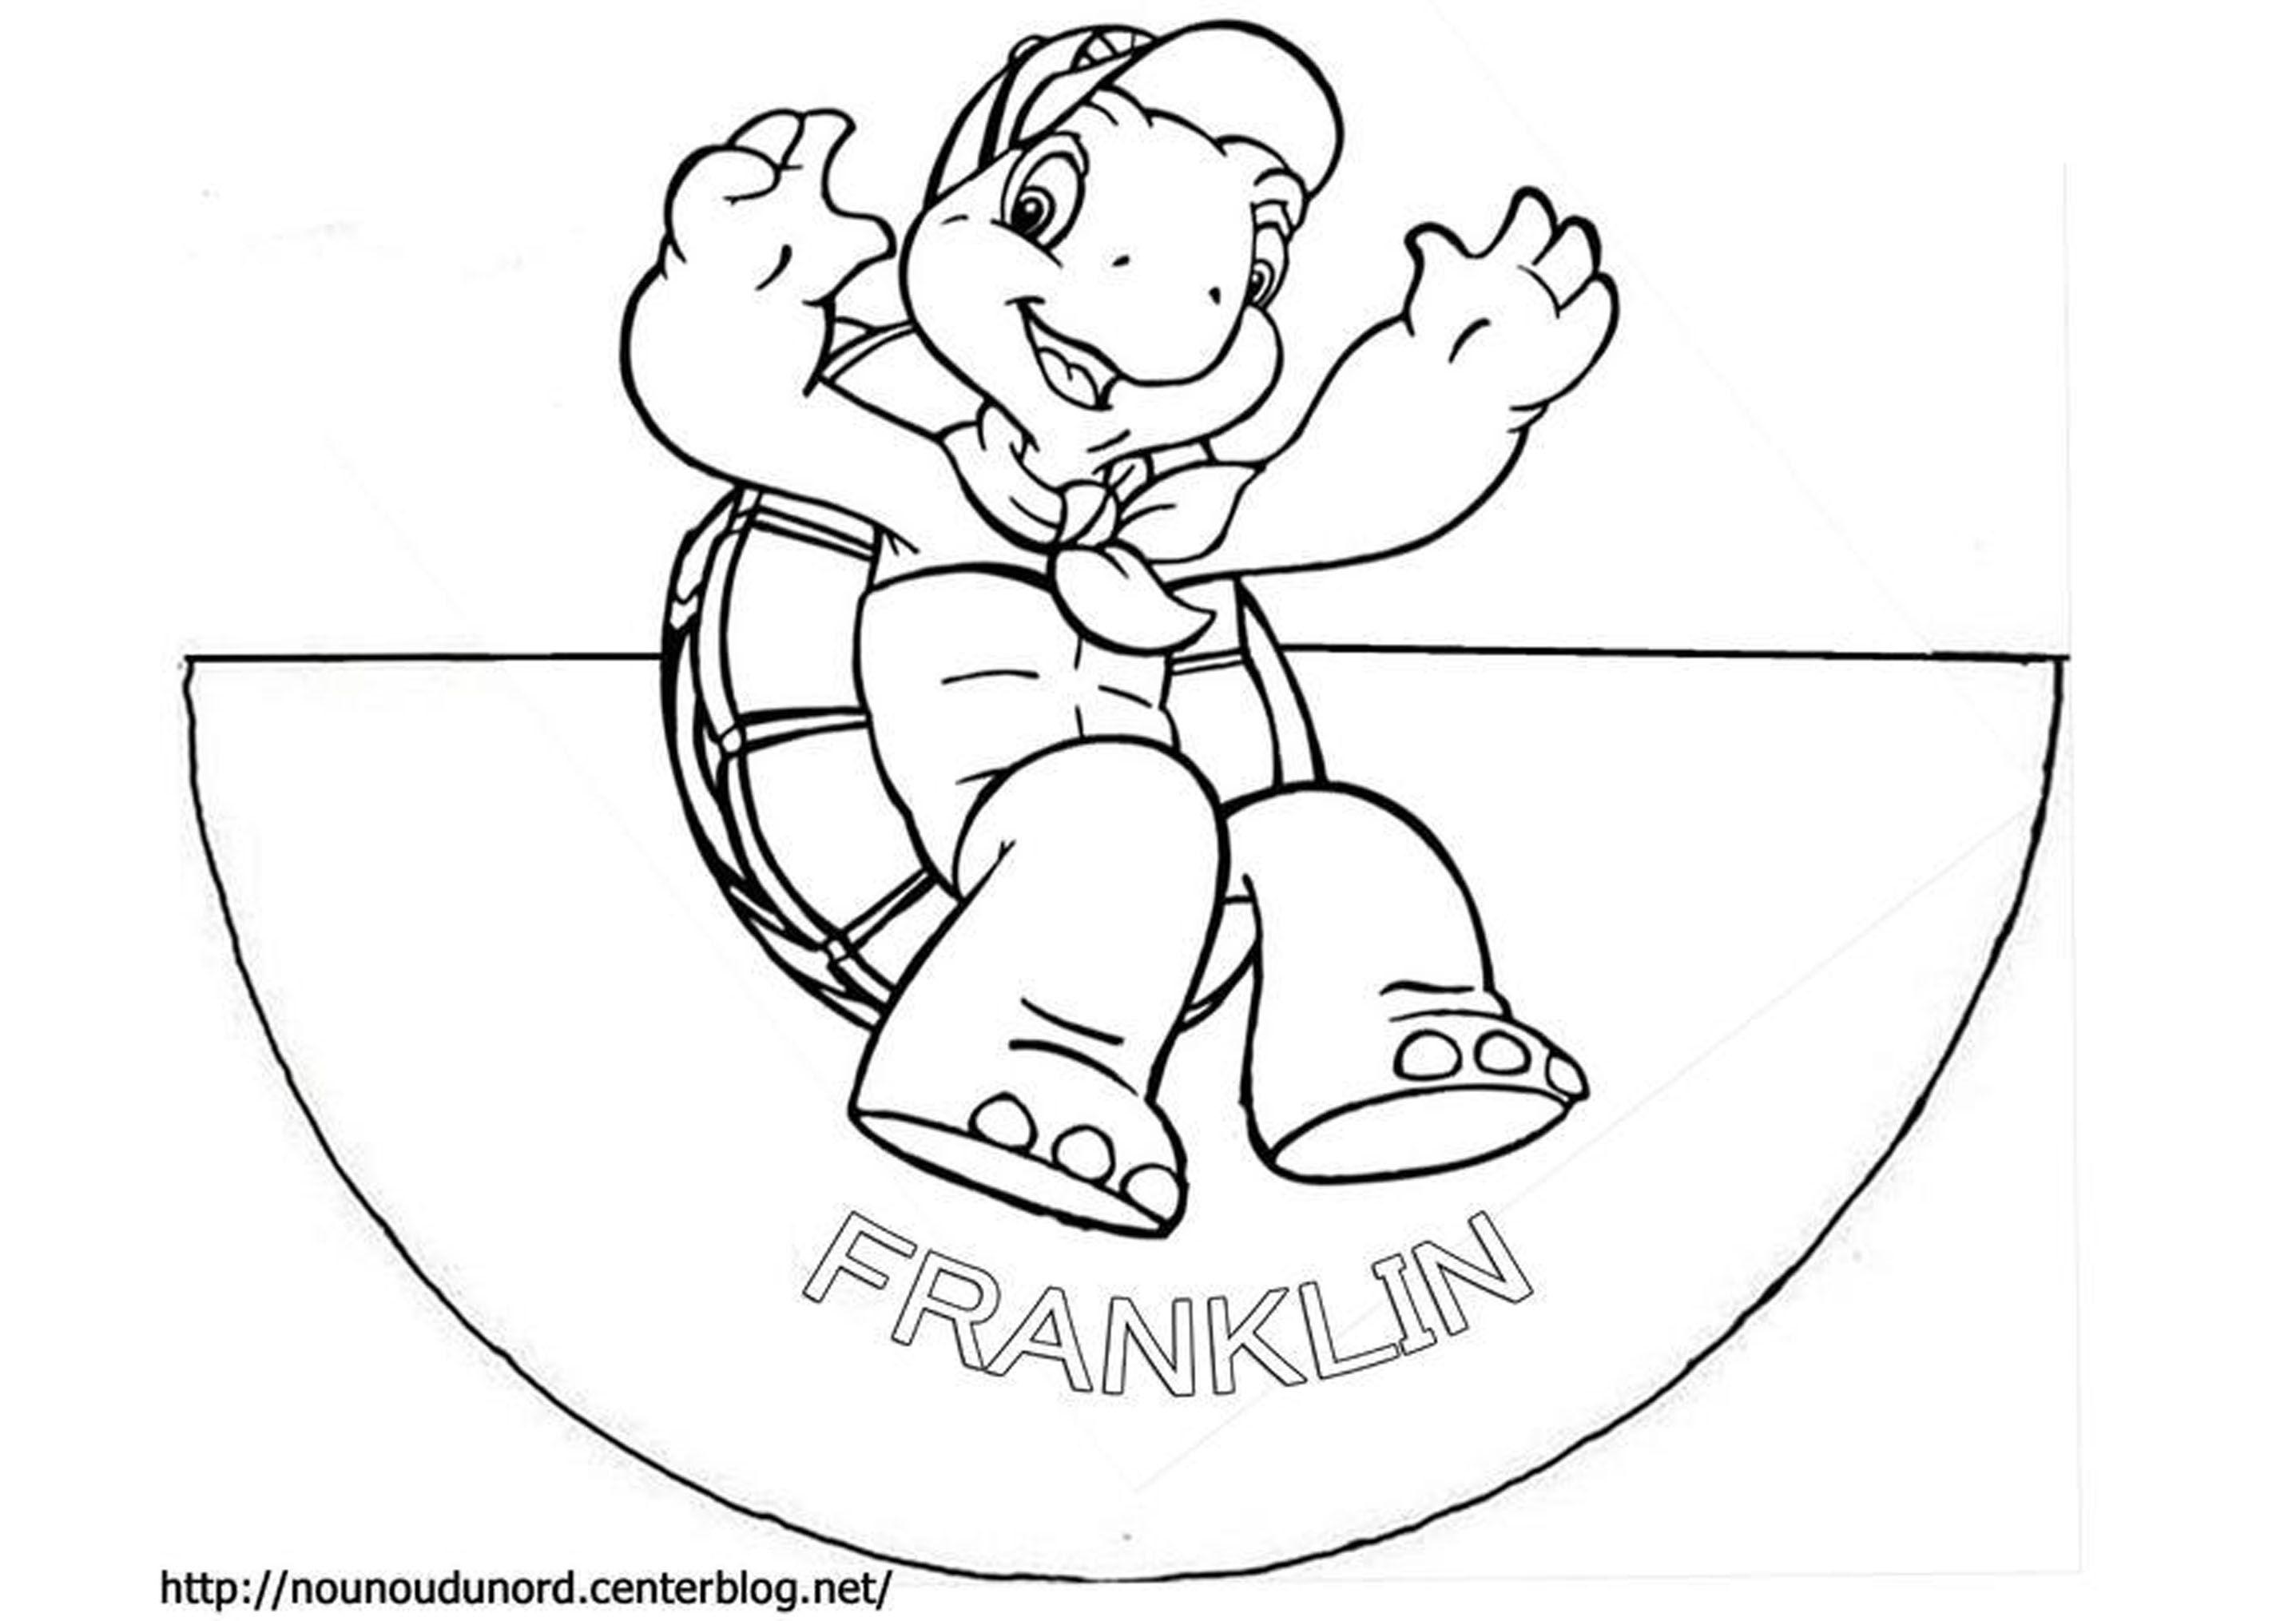 Coloriage c ne de franklin - Dessin franklin ...